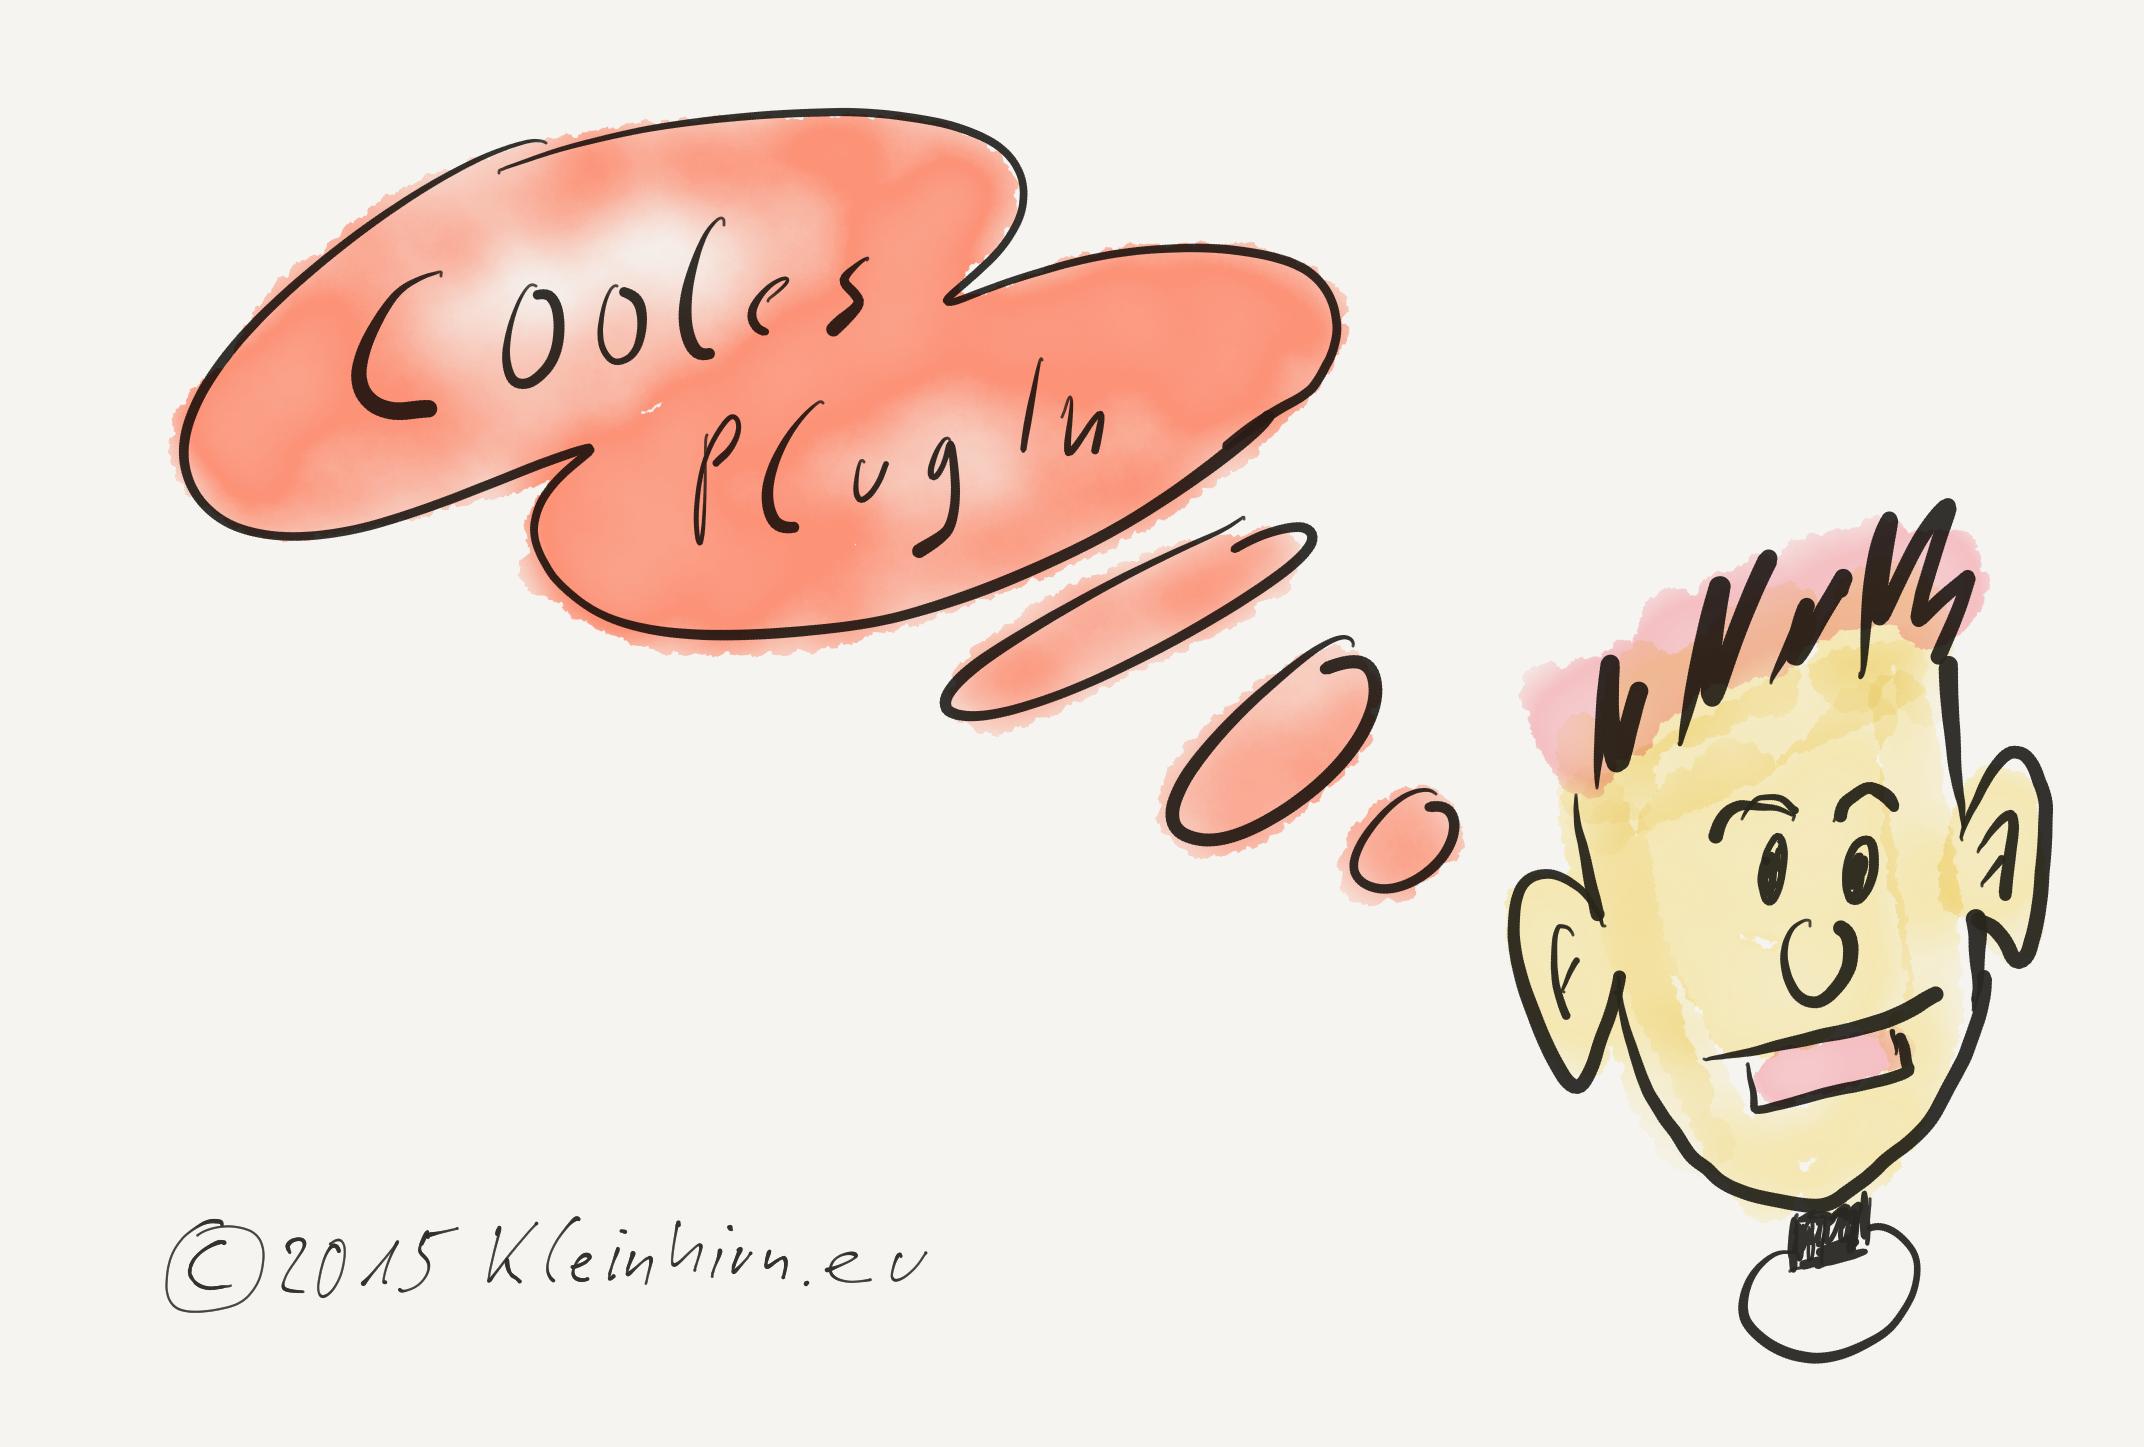 Cooles Plugin